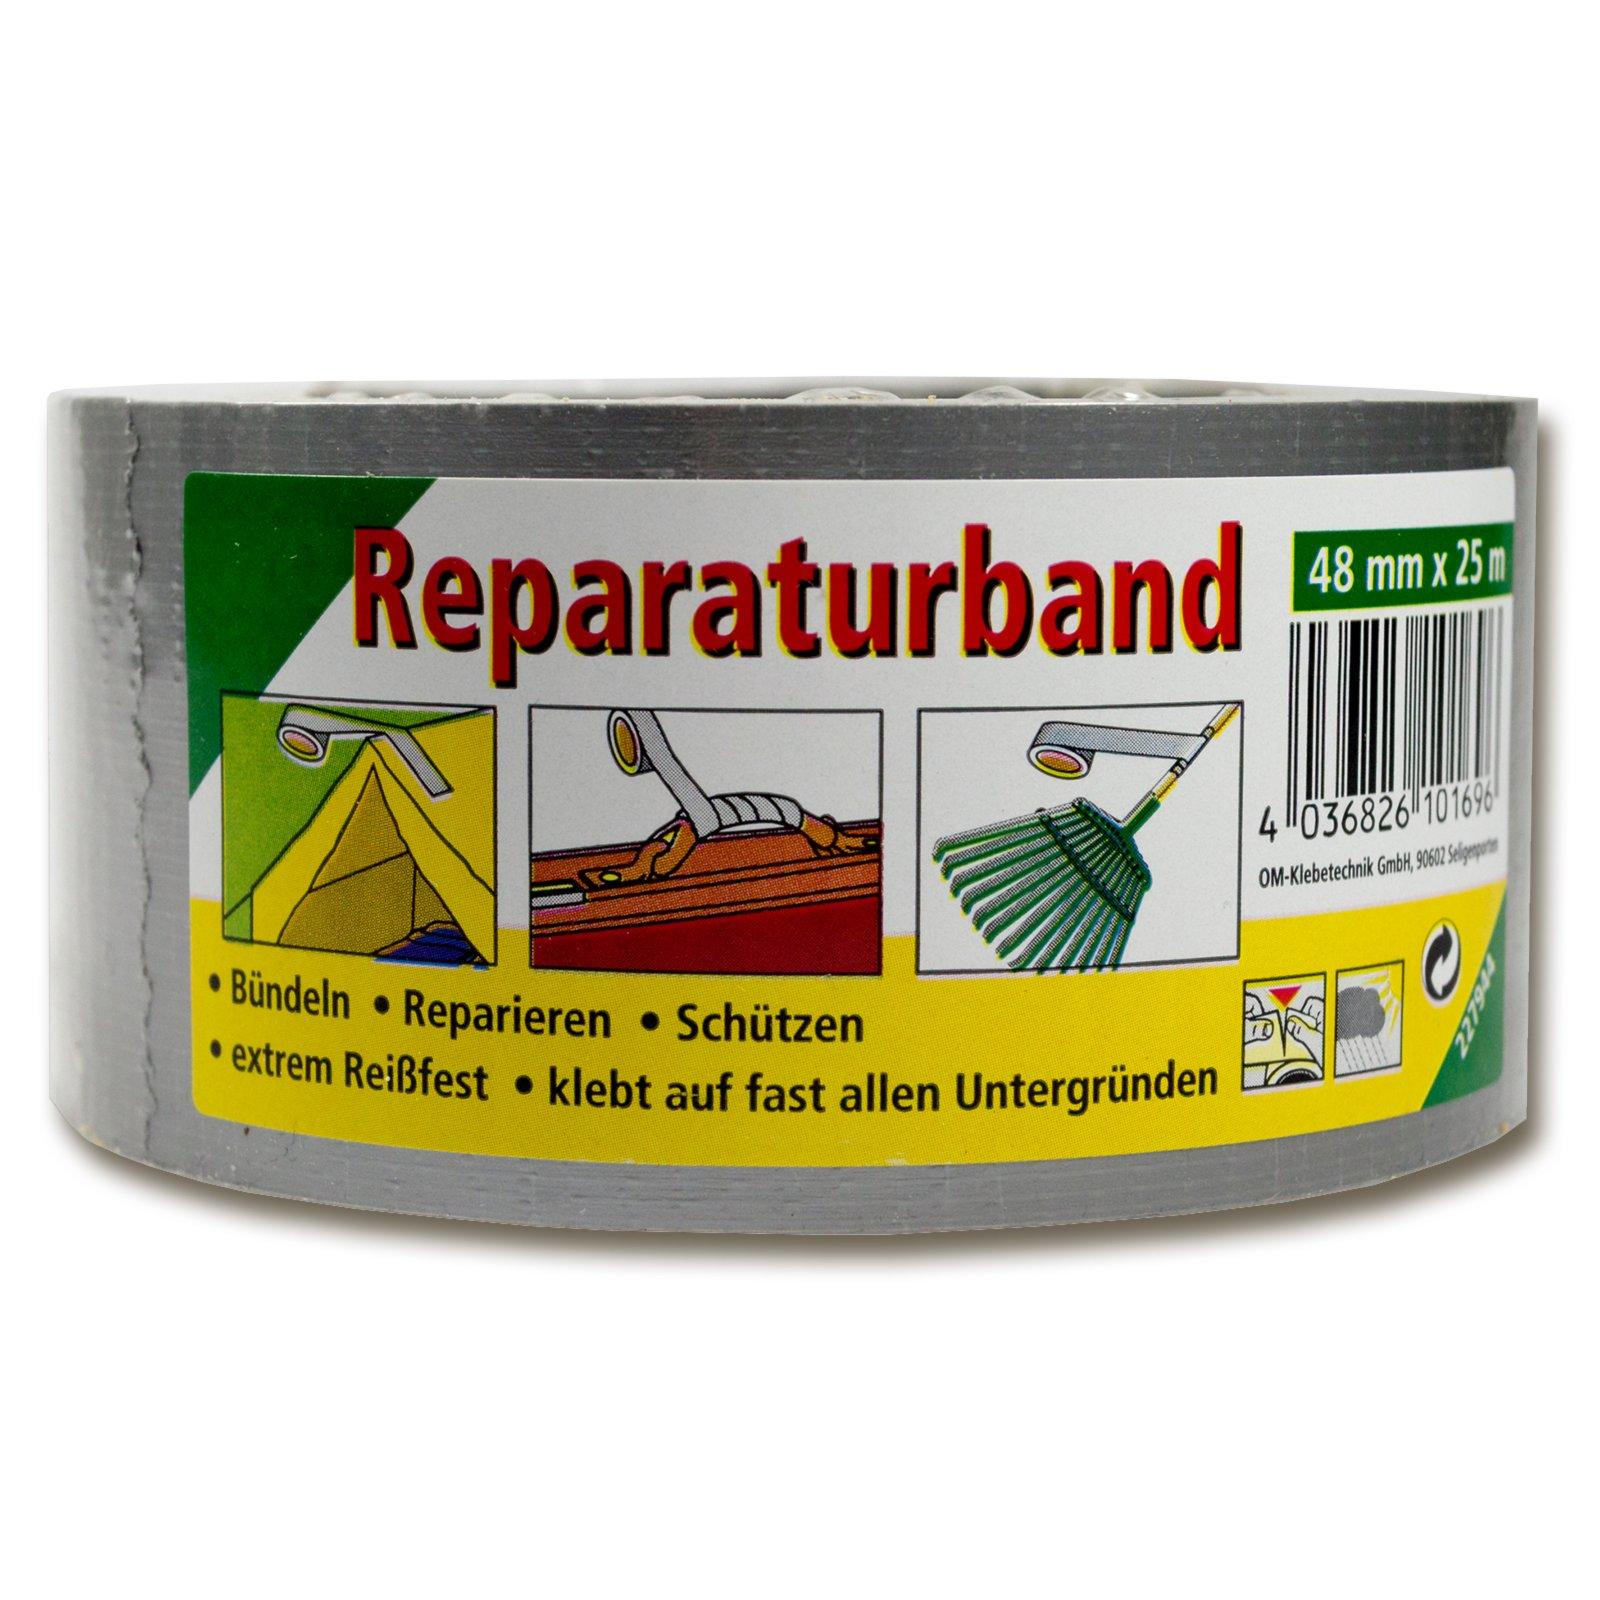 Reparaturband - Kautschuk - 25 Meter